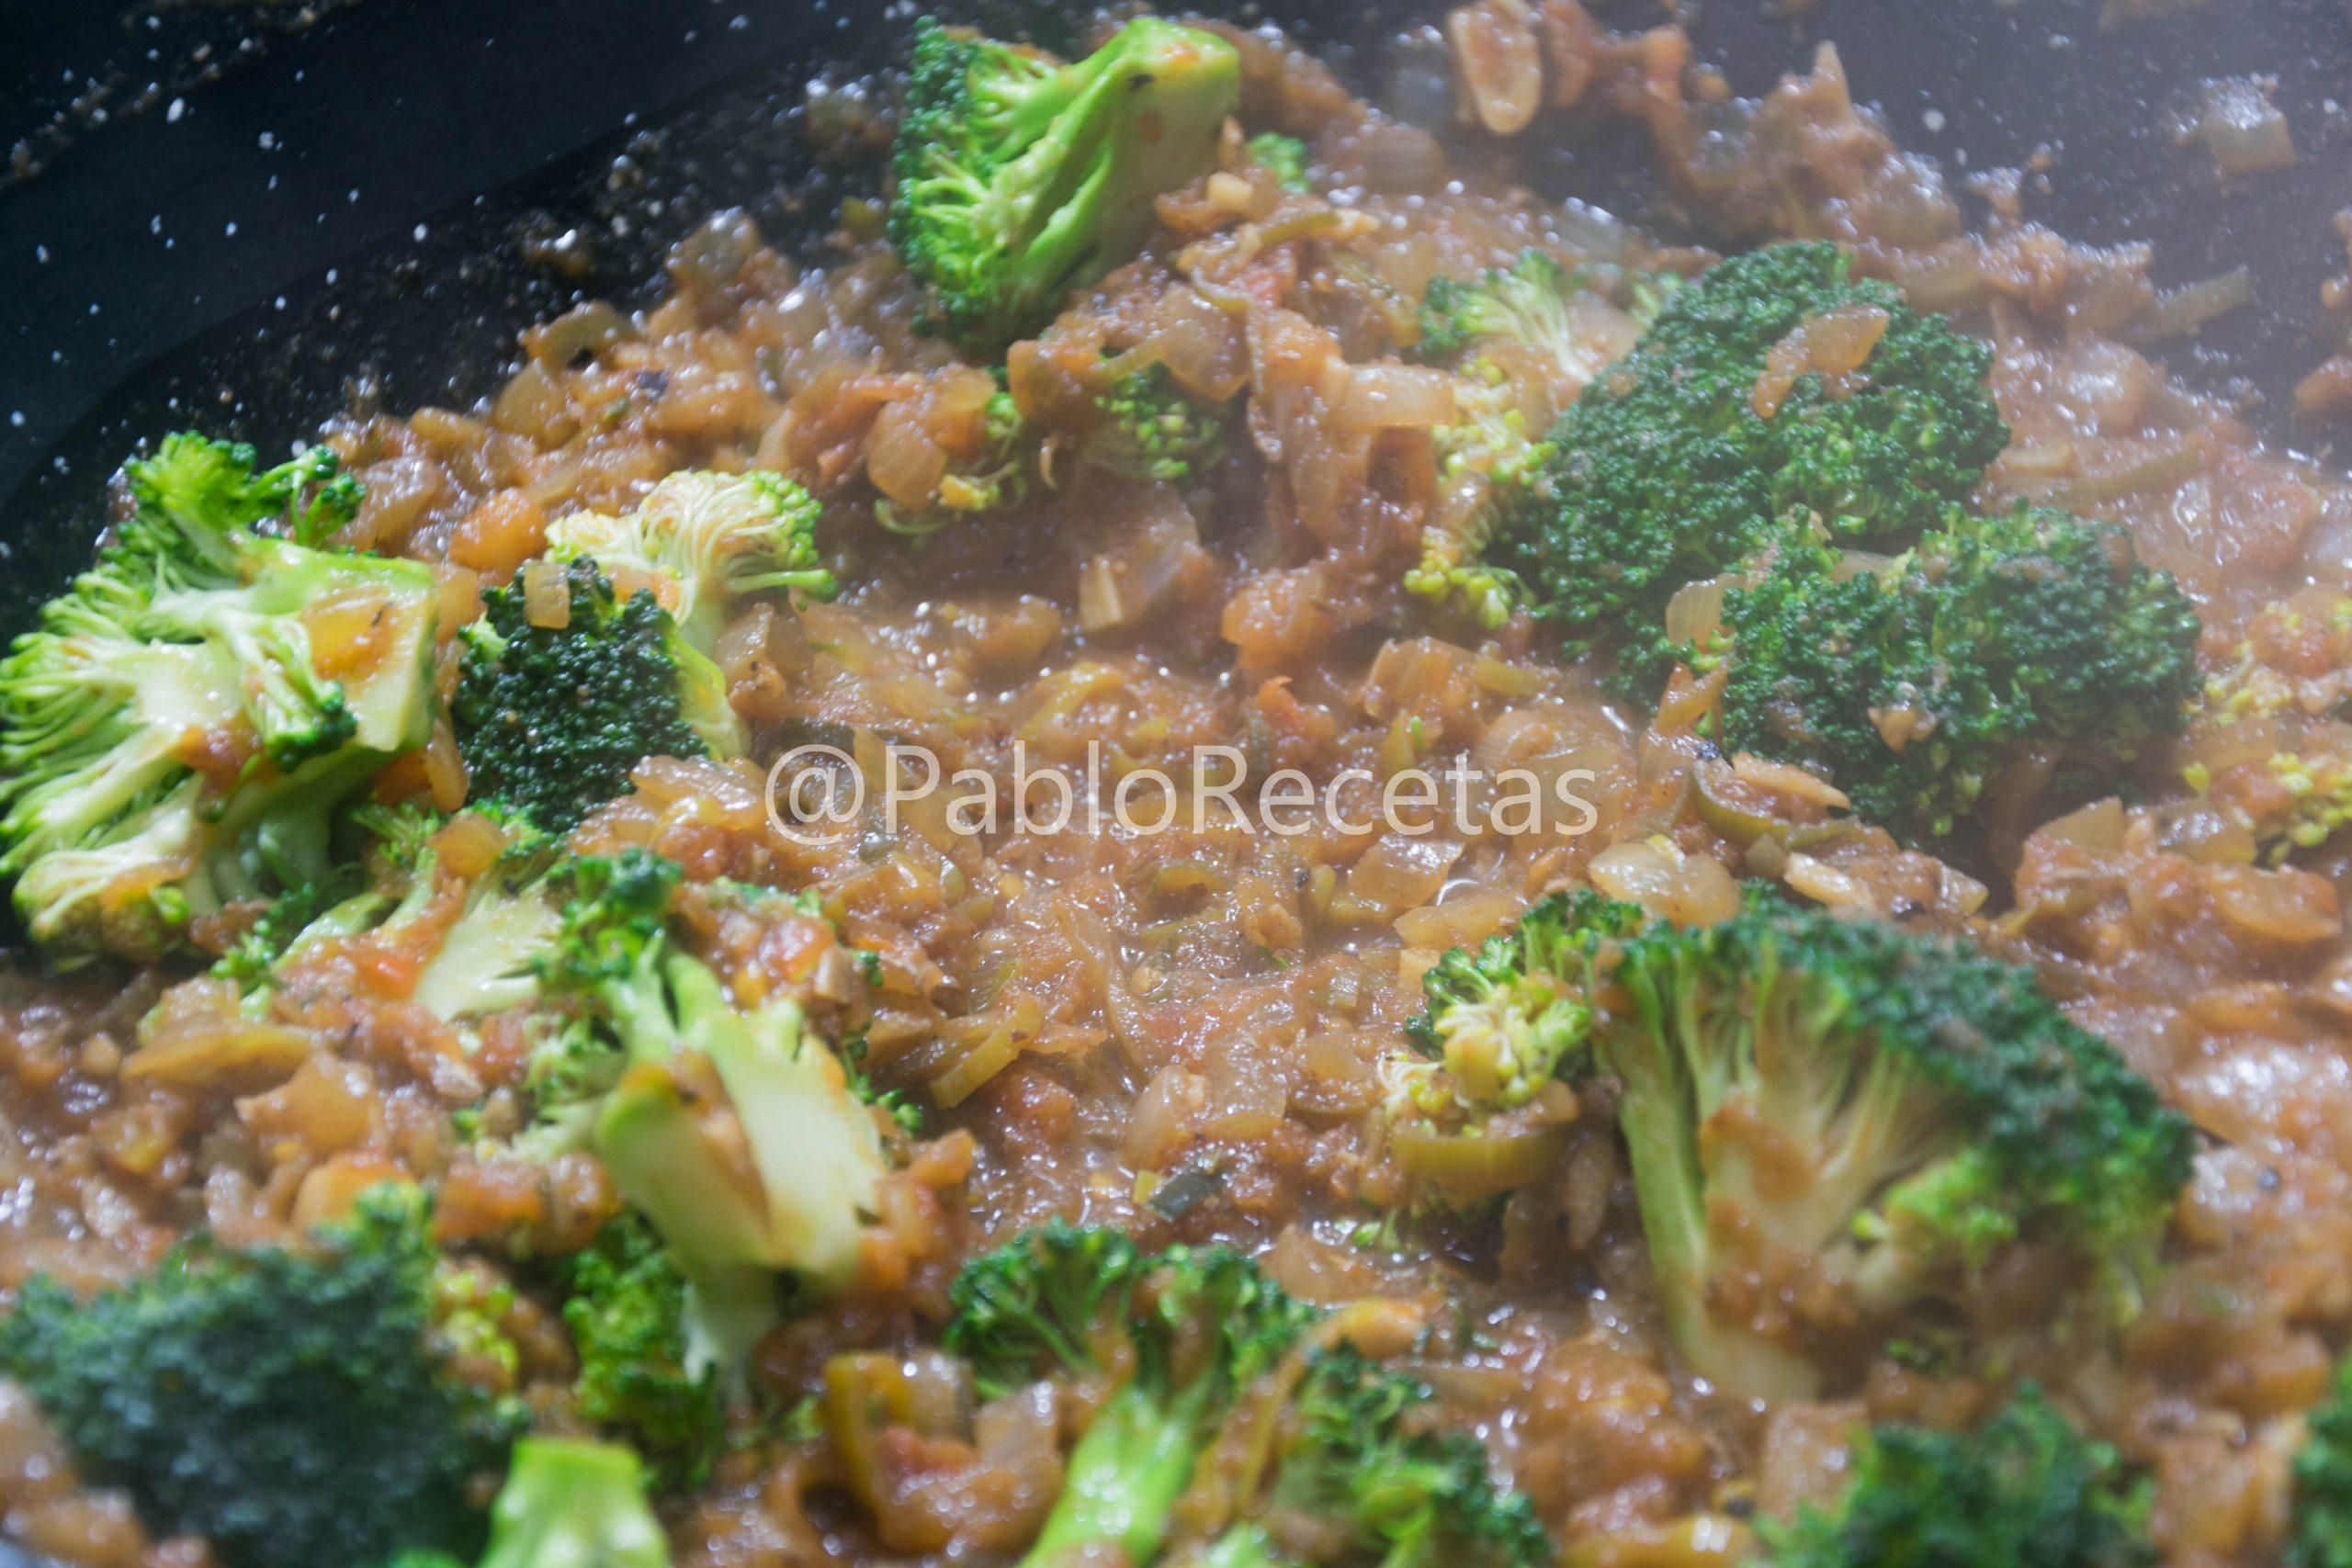 Añadiendo brocoli.